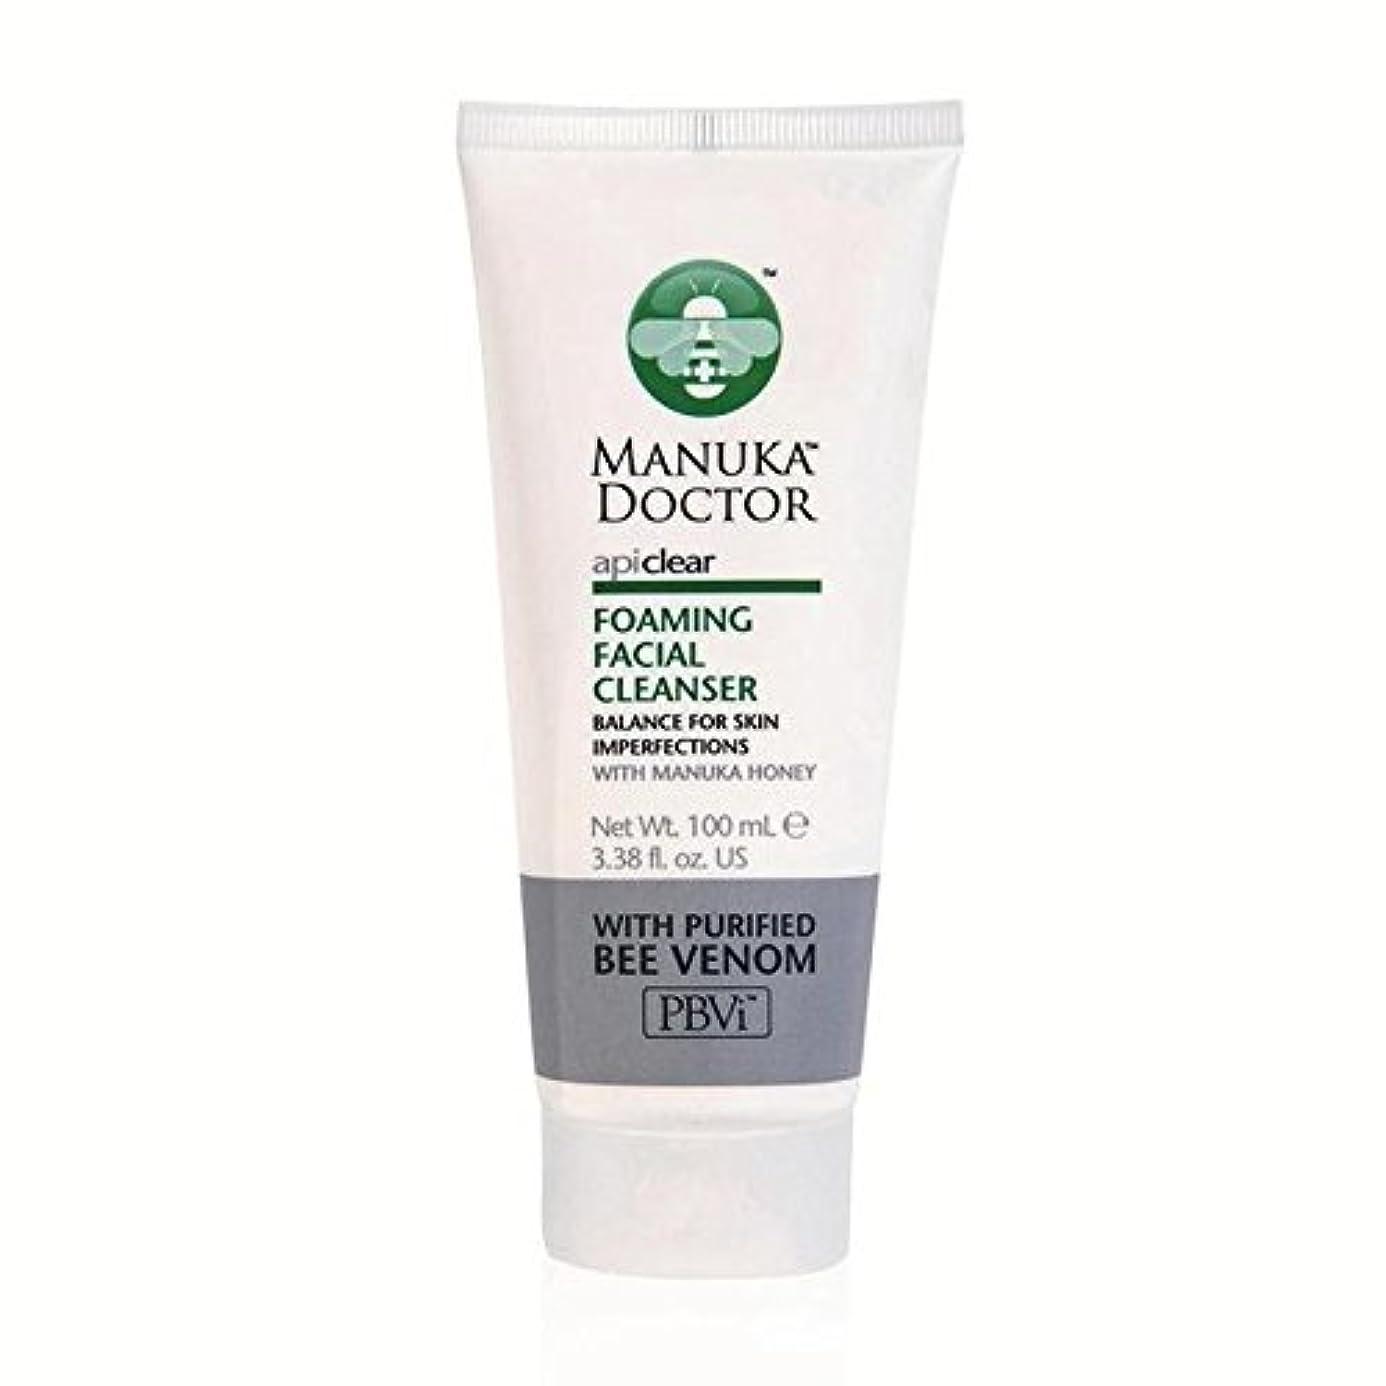 規模湿地飢饉Manuka Doctor Api Clear Foaming Facial Cleanser 100ml - マヌカドクター明確な泡立ち洗顔料の100ミリリットル [並行輸入品]